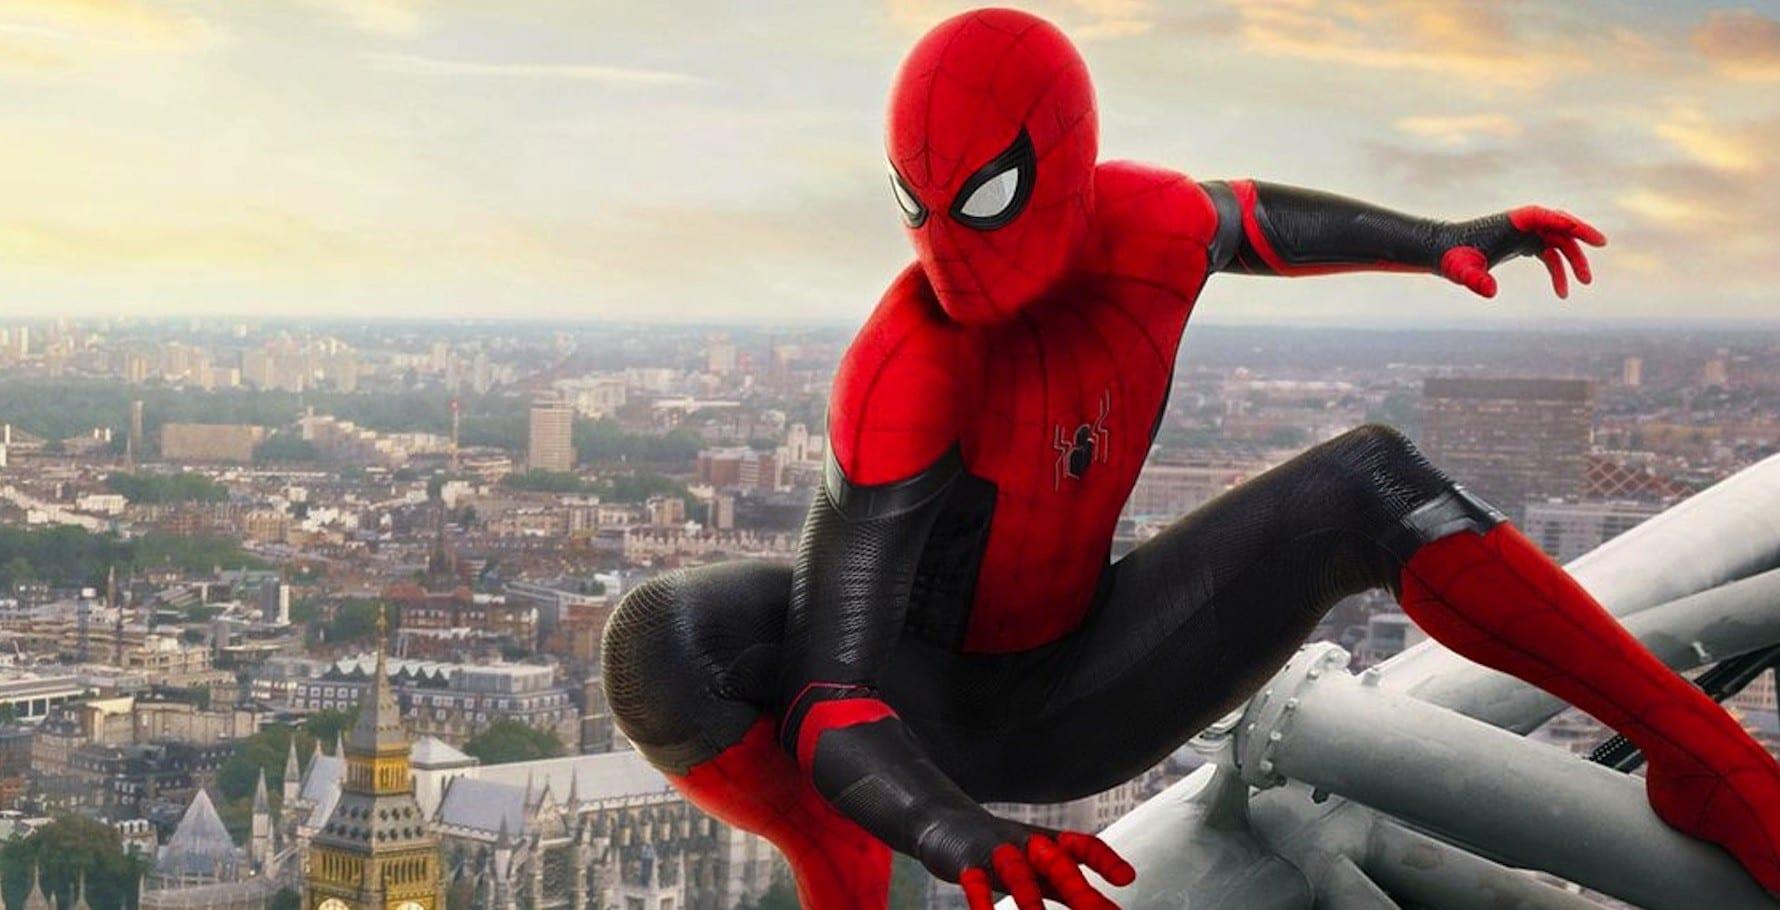 mcu, spider-man